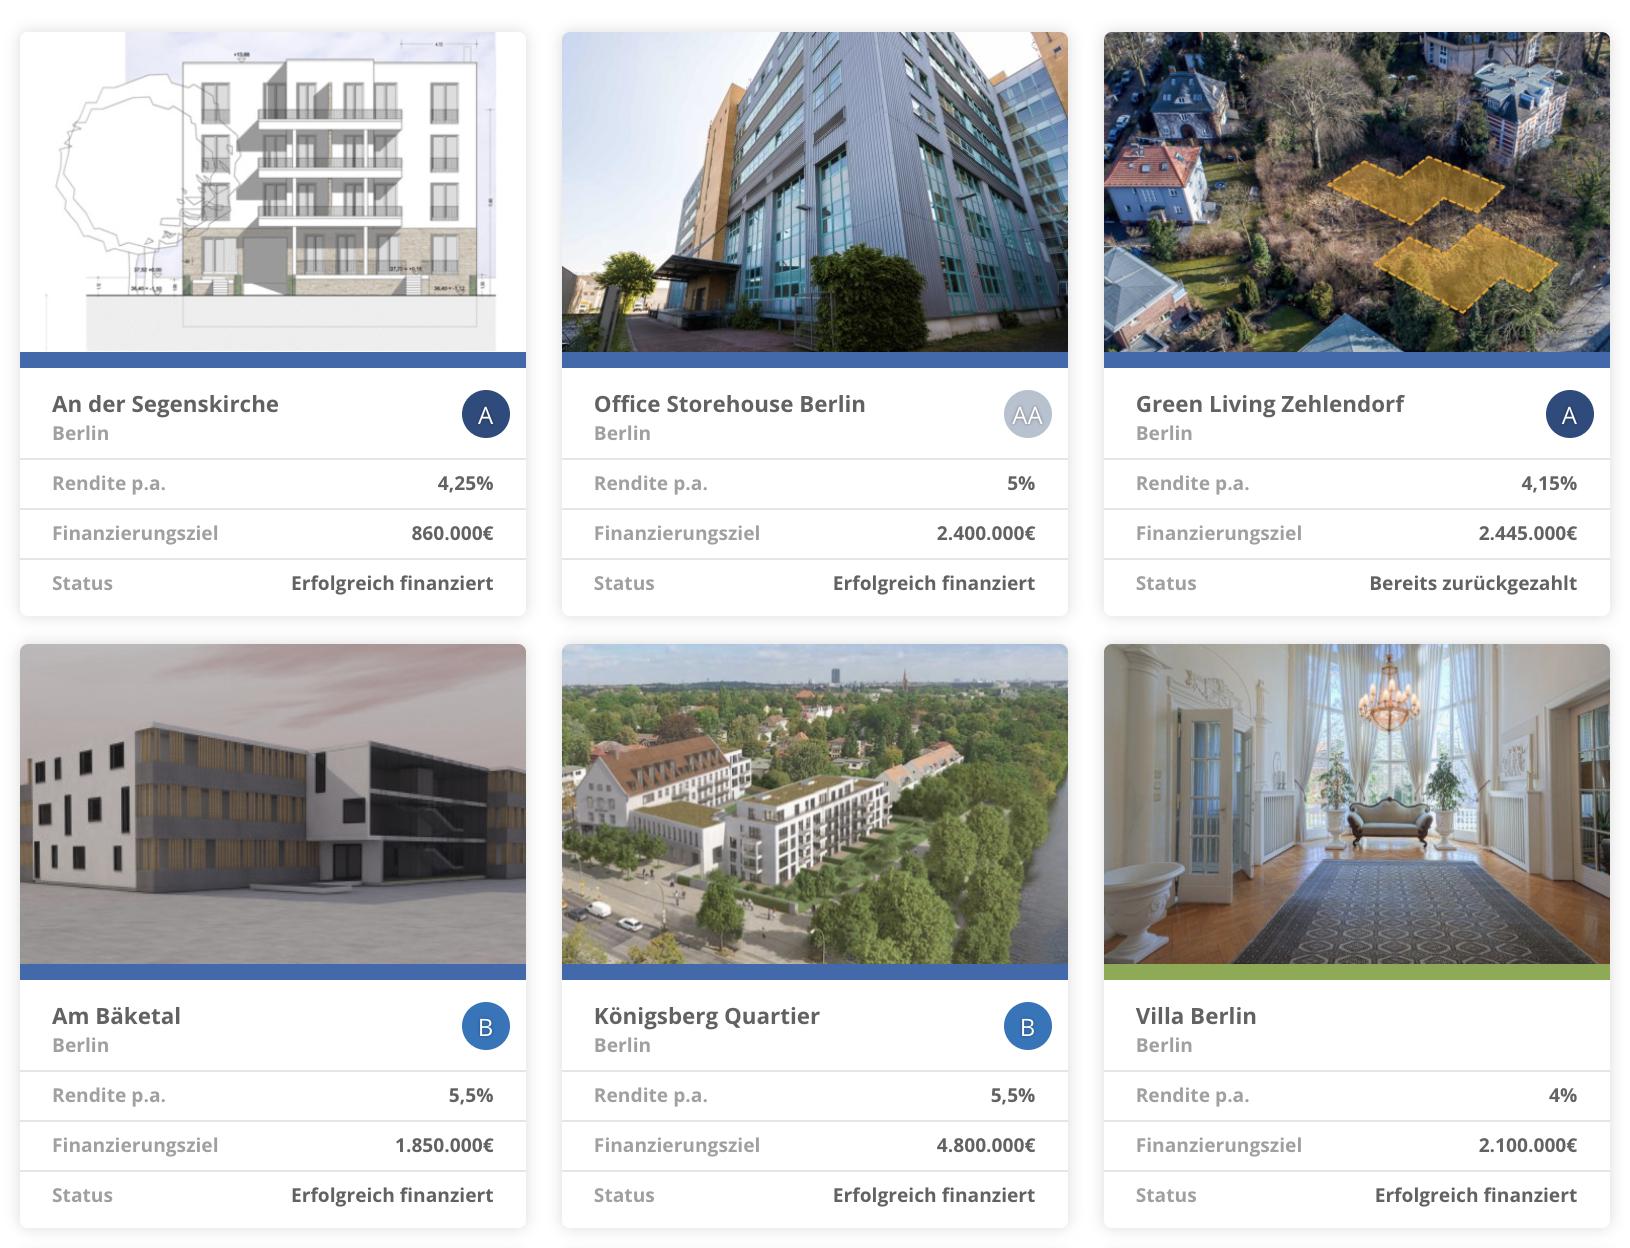 Lohnt sich das Immobilieninvestment in Berlin?